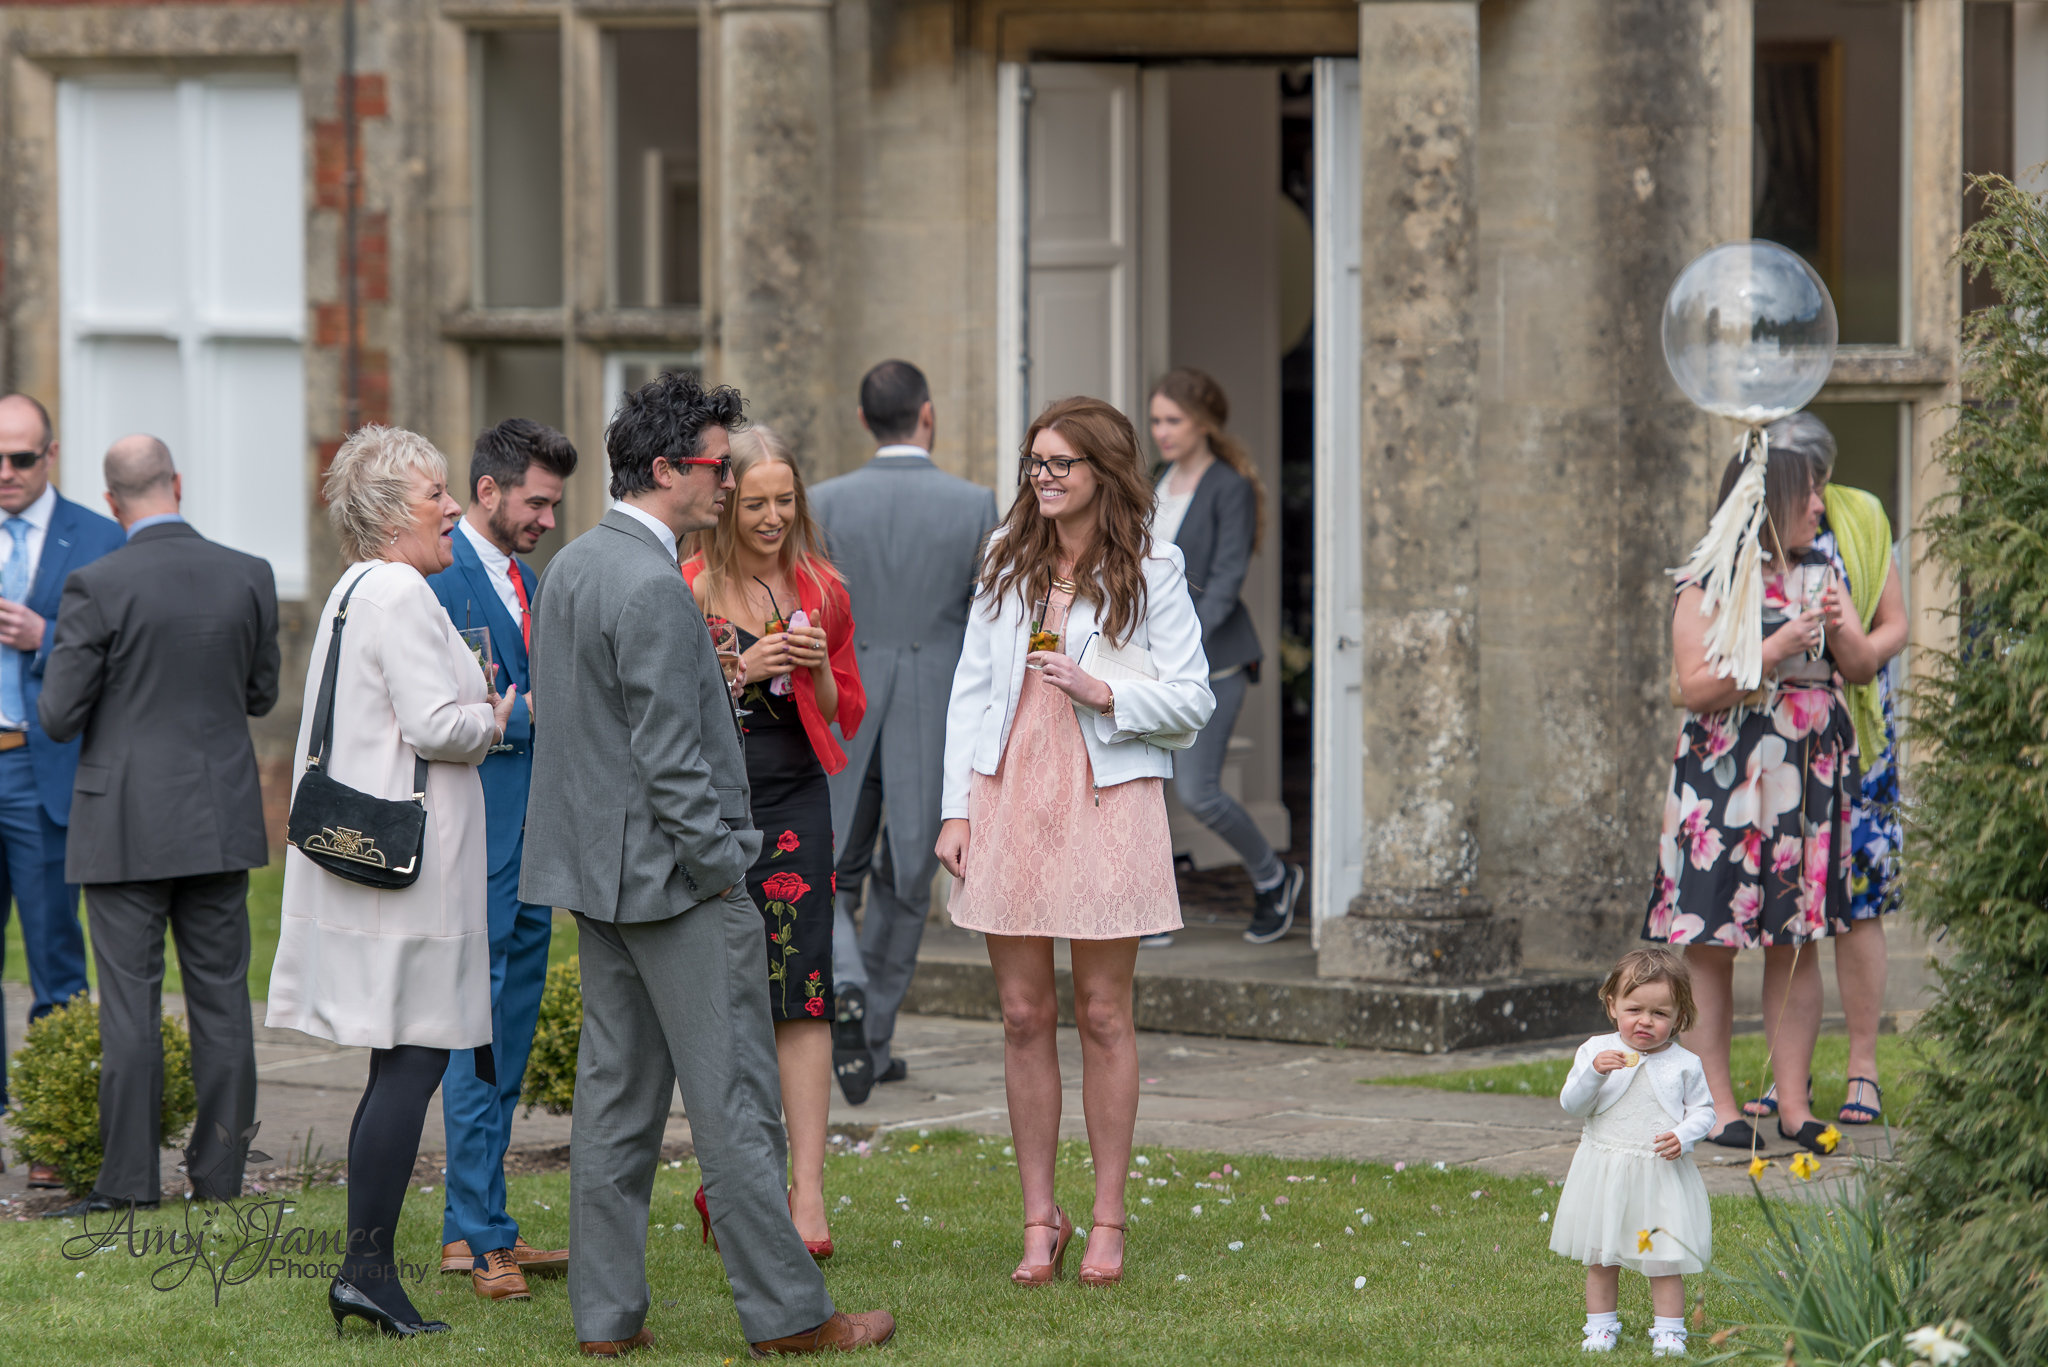 Amy James Photography // Hampshire Wedding Photographer / Audleys Wood Hotel Wedding